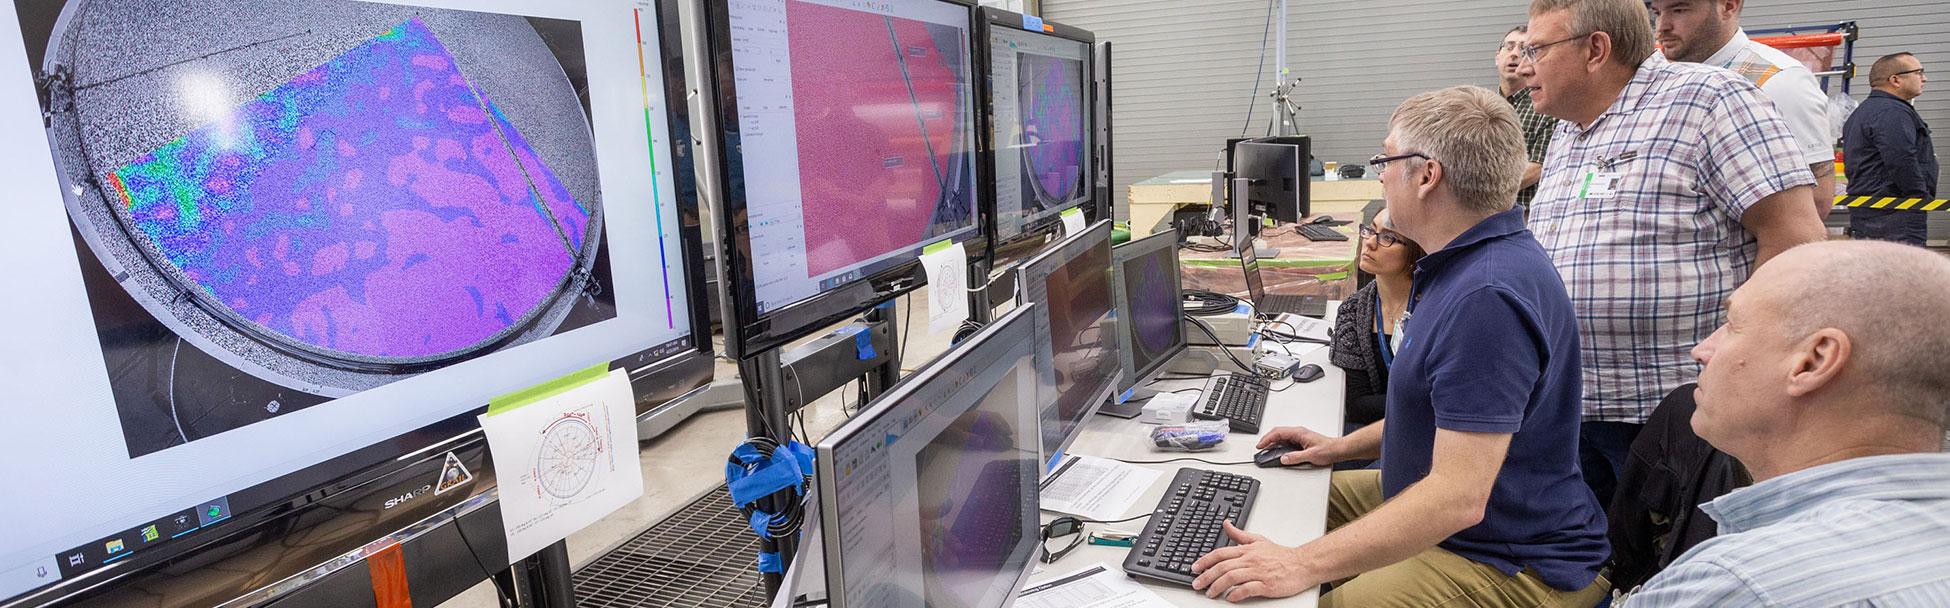 Disability Hiring at Lockheed Martin